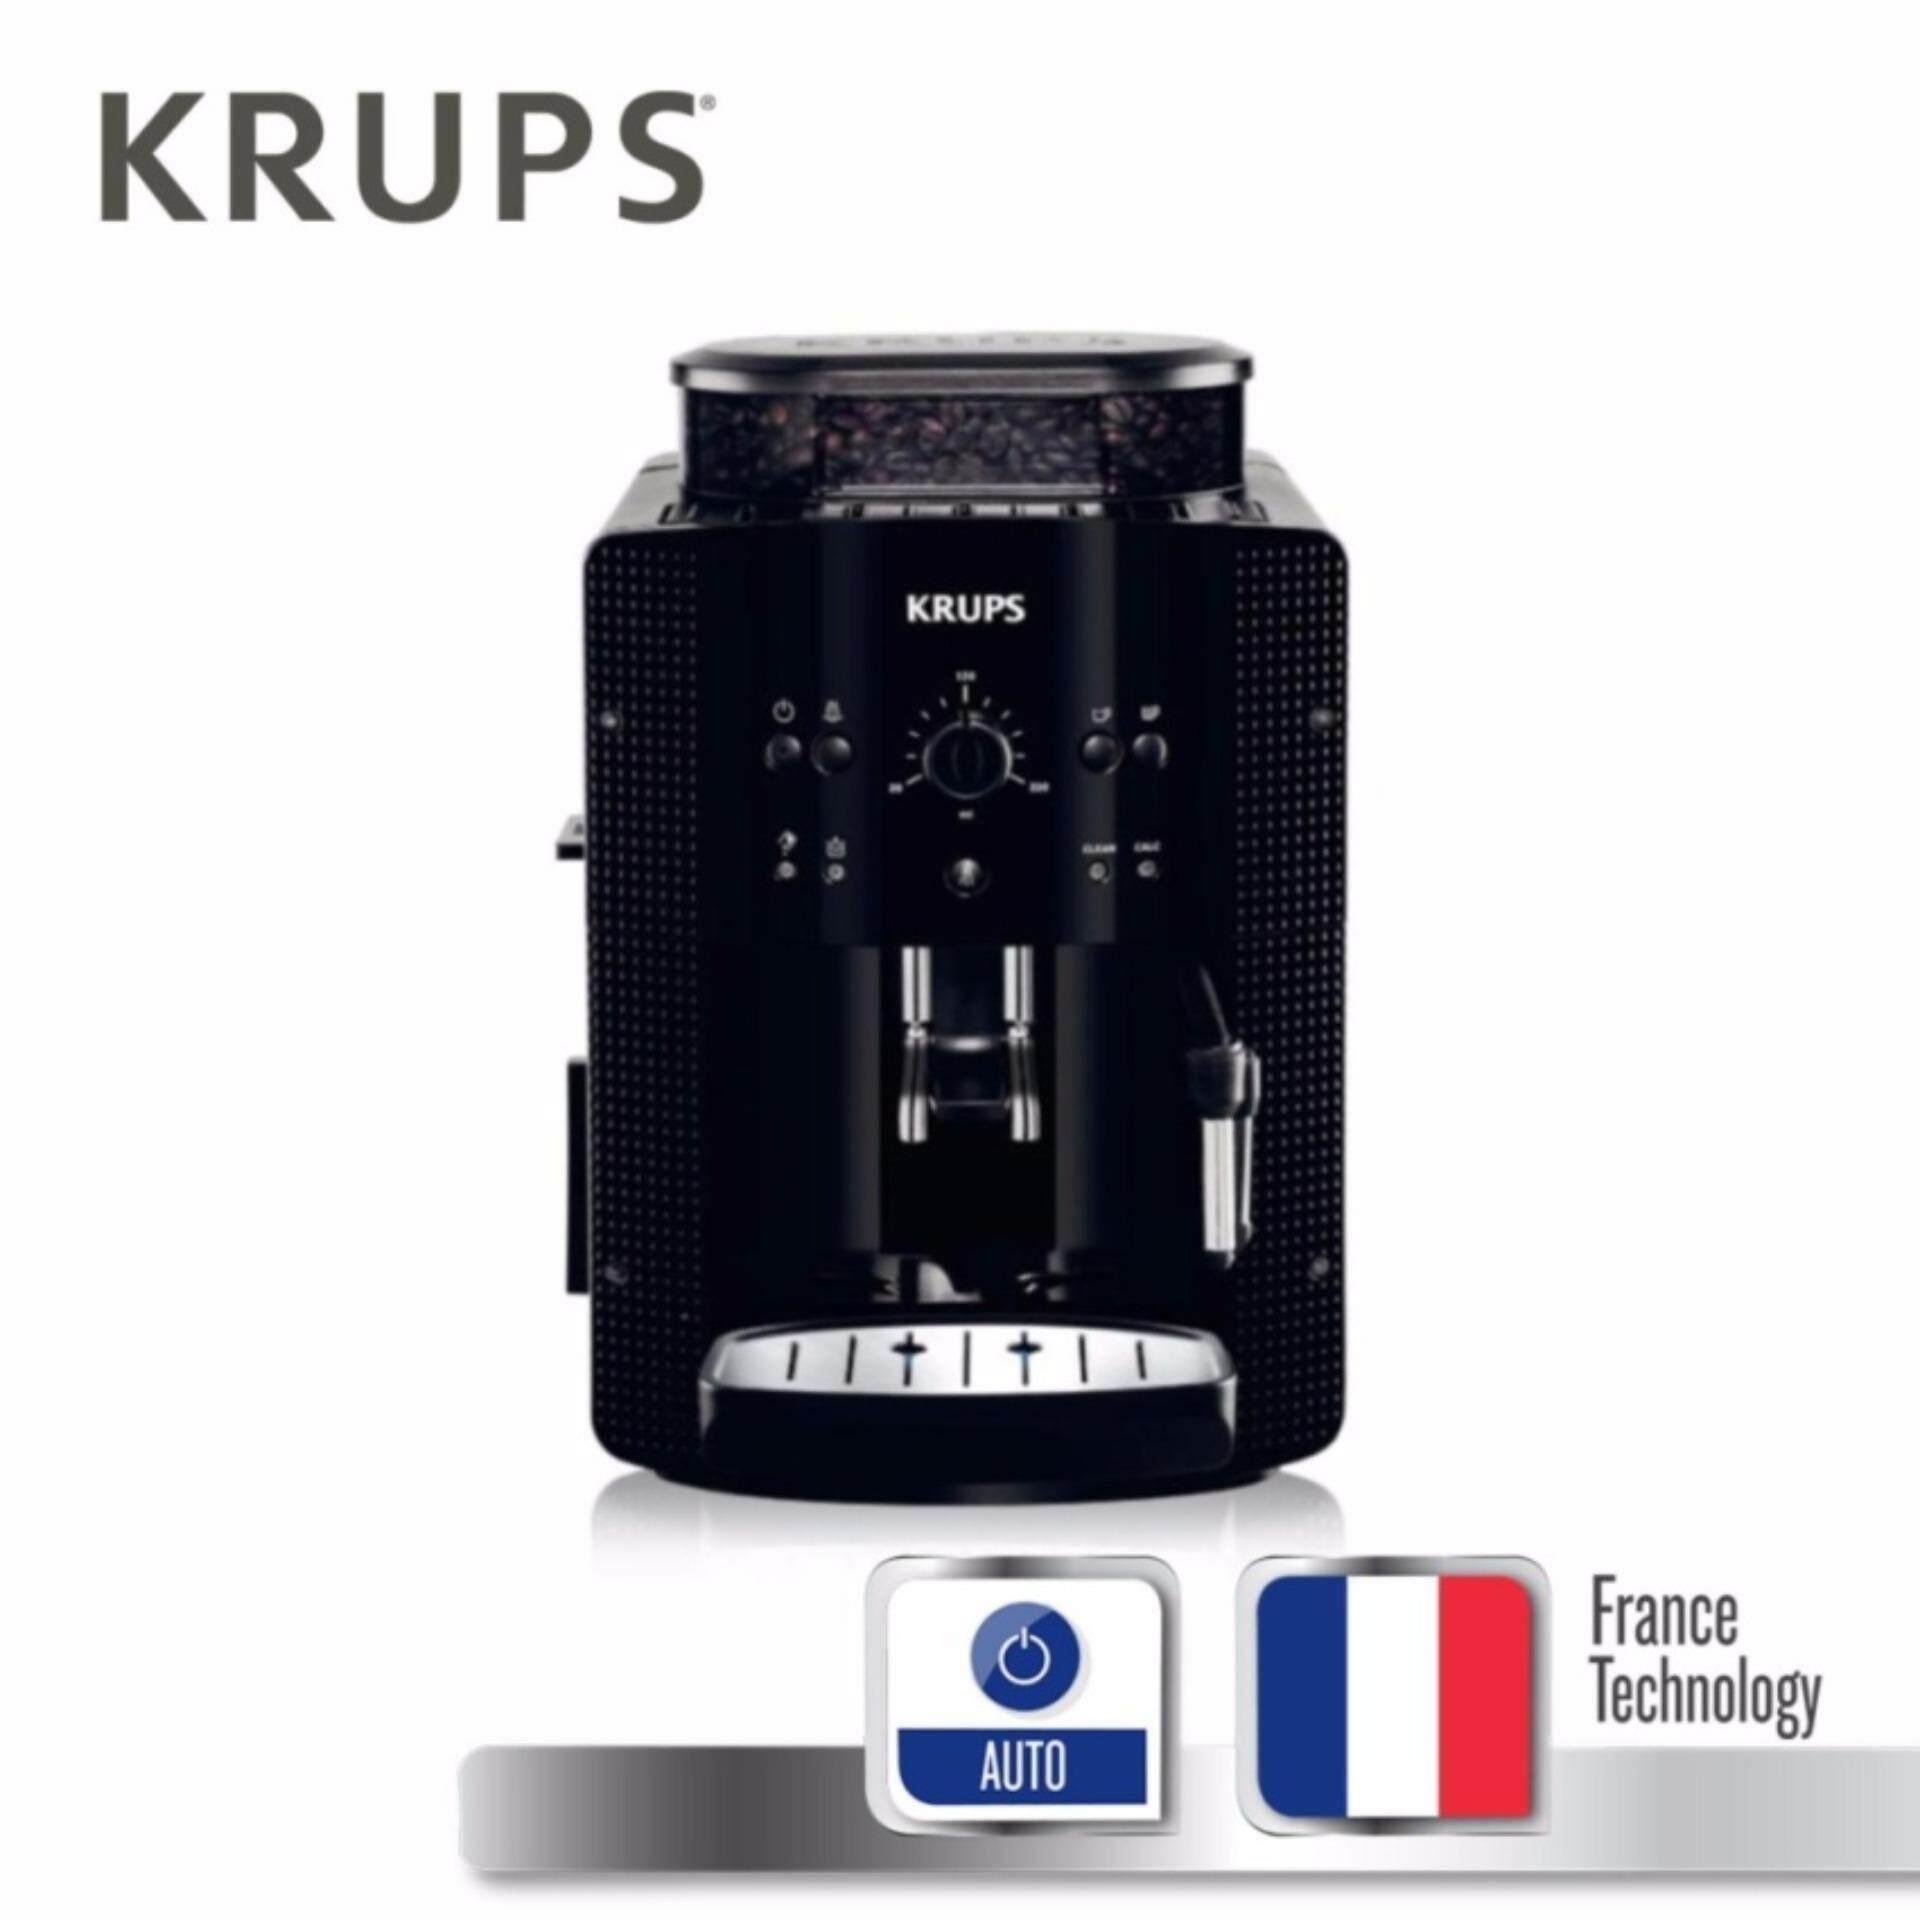 ซื้อ Krups เครื่องชงกาแฟอัตโนมัติ กำลังไฟ 1450 วัตต์ แรงดันไอน้ำ 15 บาร์ ความจุแท้งน้ำ 1 7 ลิตร รุ่น Ea8118 Black ใน Thailand